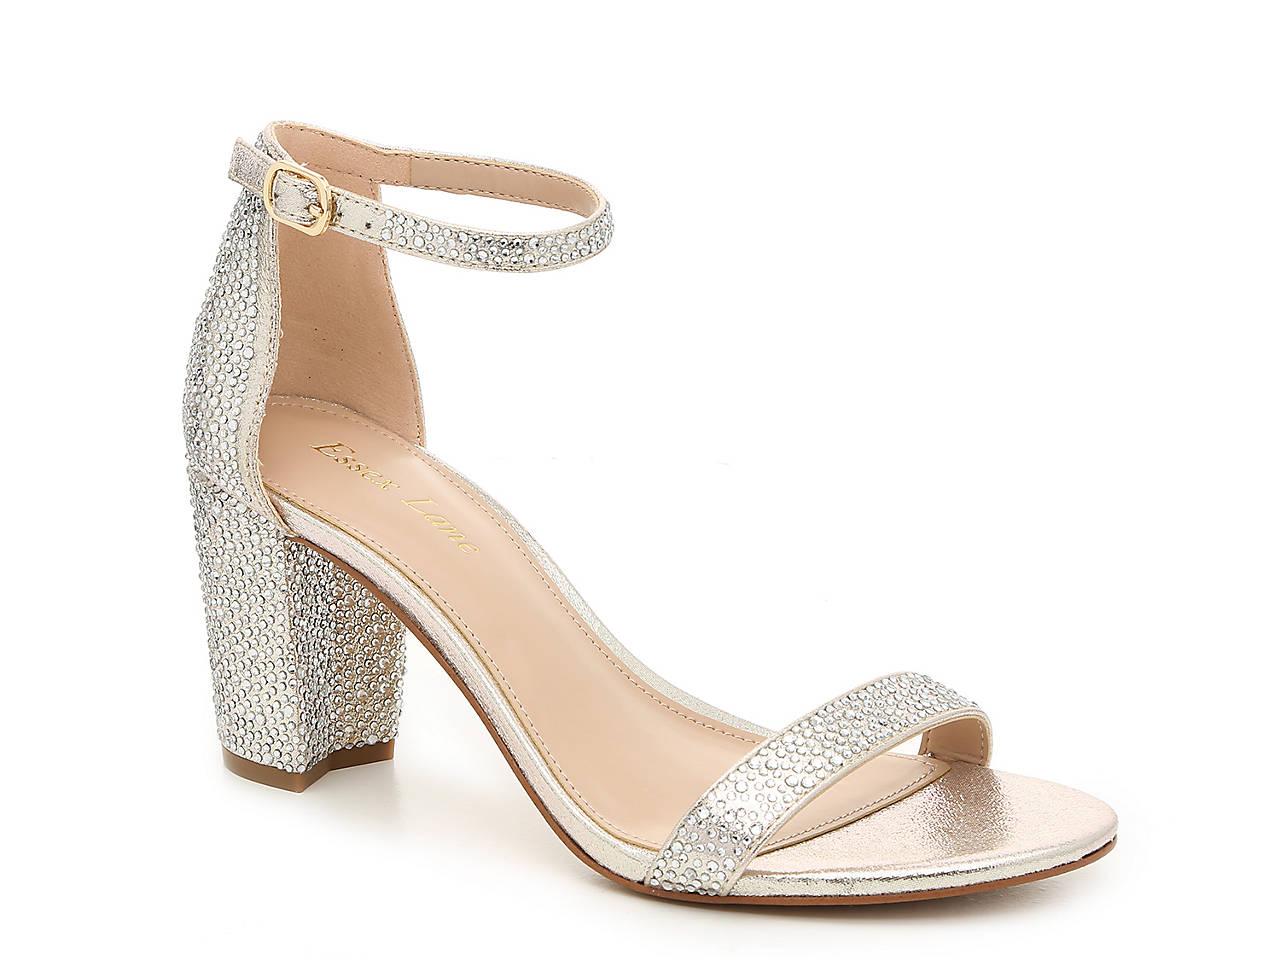 32df8b5189 Essex Lane Moira 2 Sandal Women's Shoes | DSW